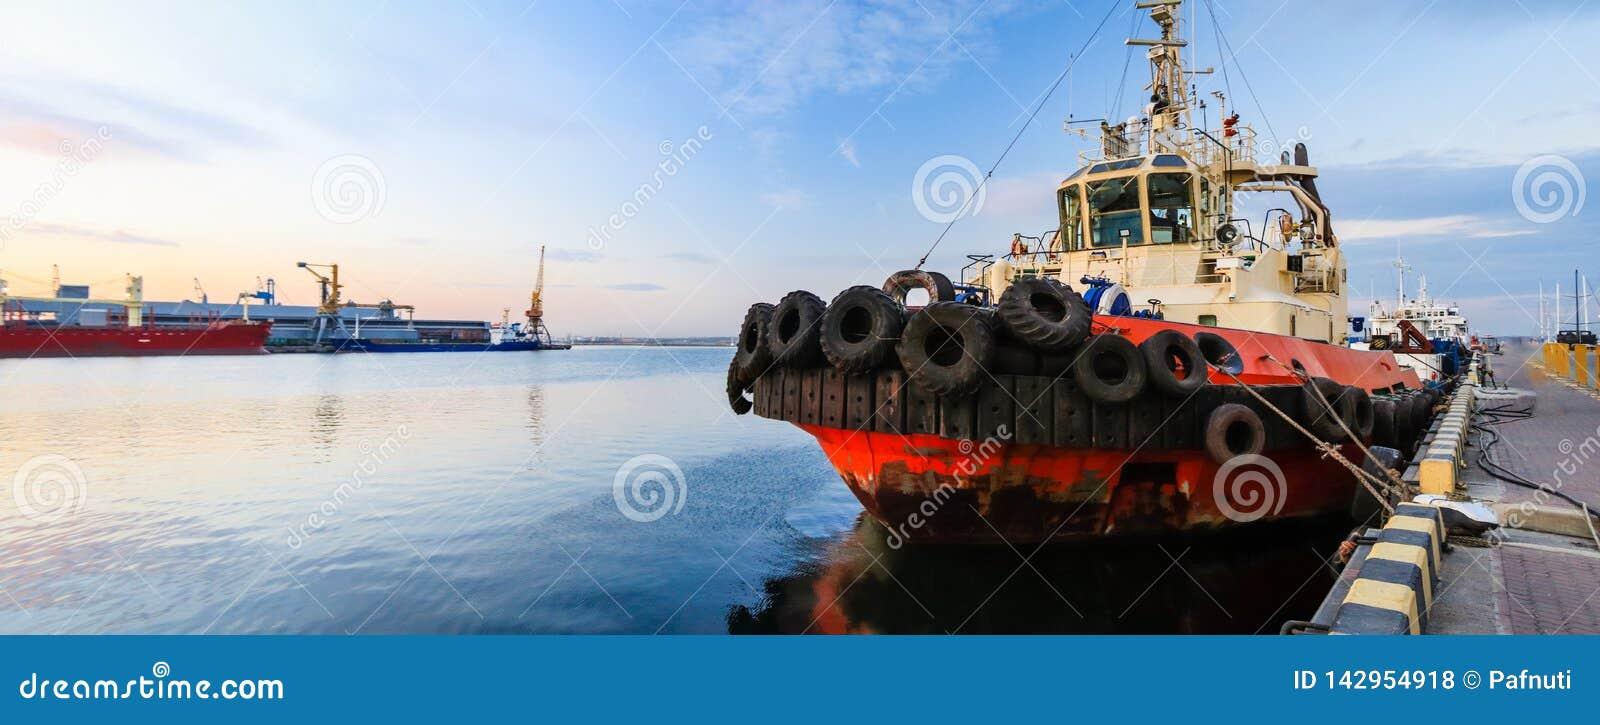 De sleepboot is bij de pijler in de zeehaven